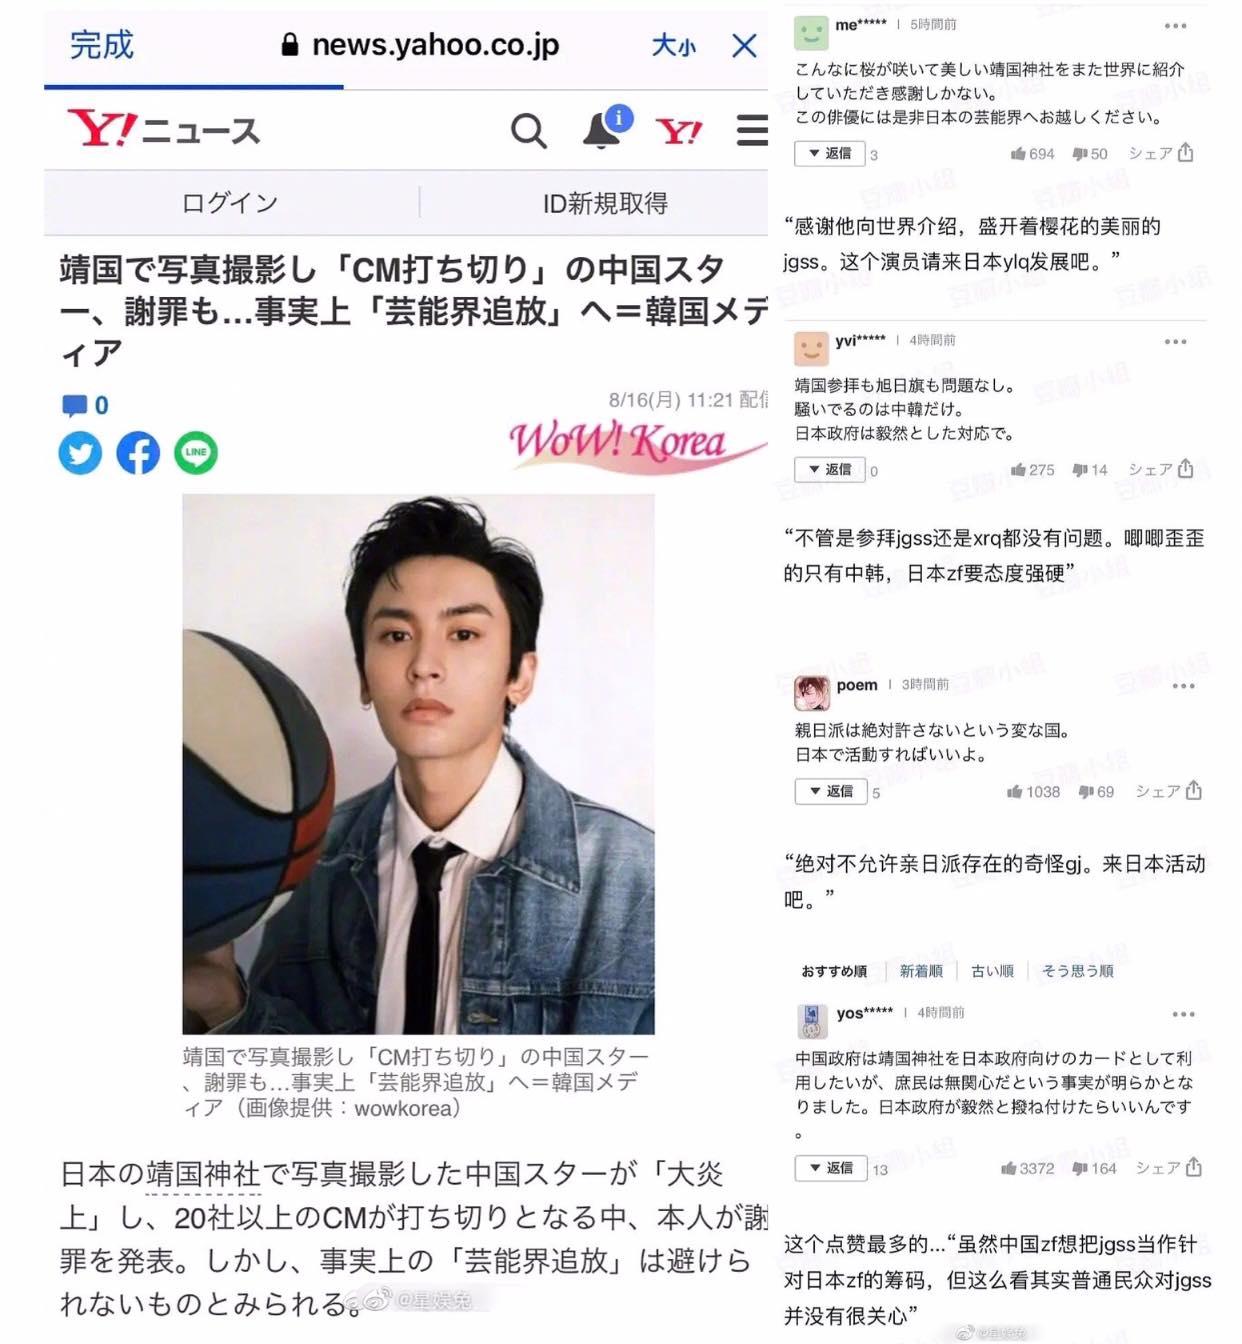 Truyền thông Nhật cảm ơn hành động 'đẹp' của Trương Triết Hạn, không quên mời chào qua đây lập nghiệp 2